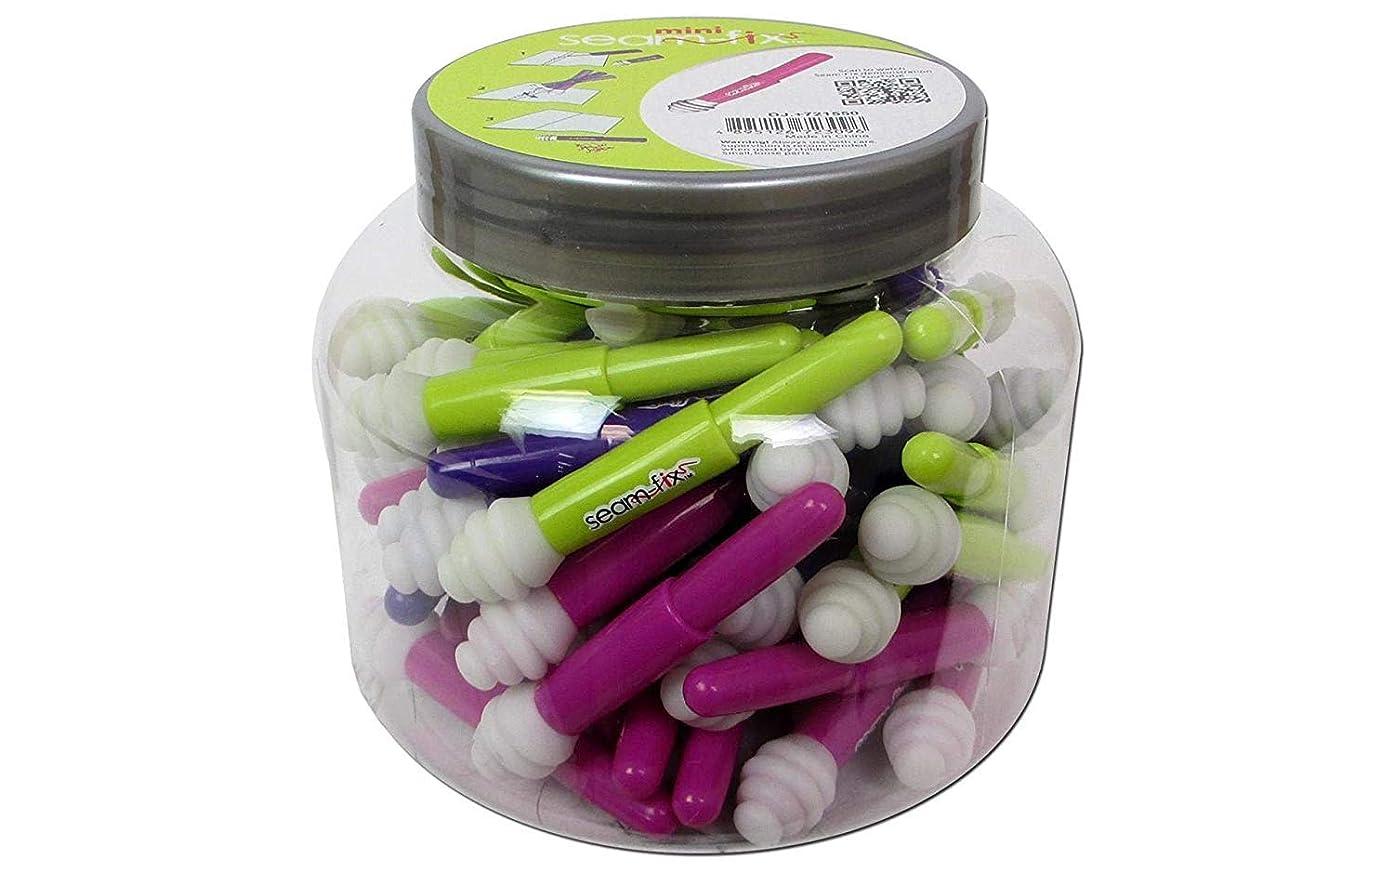 Seam Fix Mini Seam Ripper & Thread Remover in Purple, Fuschia or Lime Green ~ 3